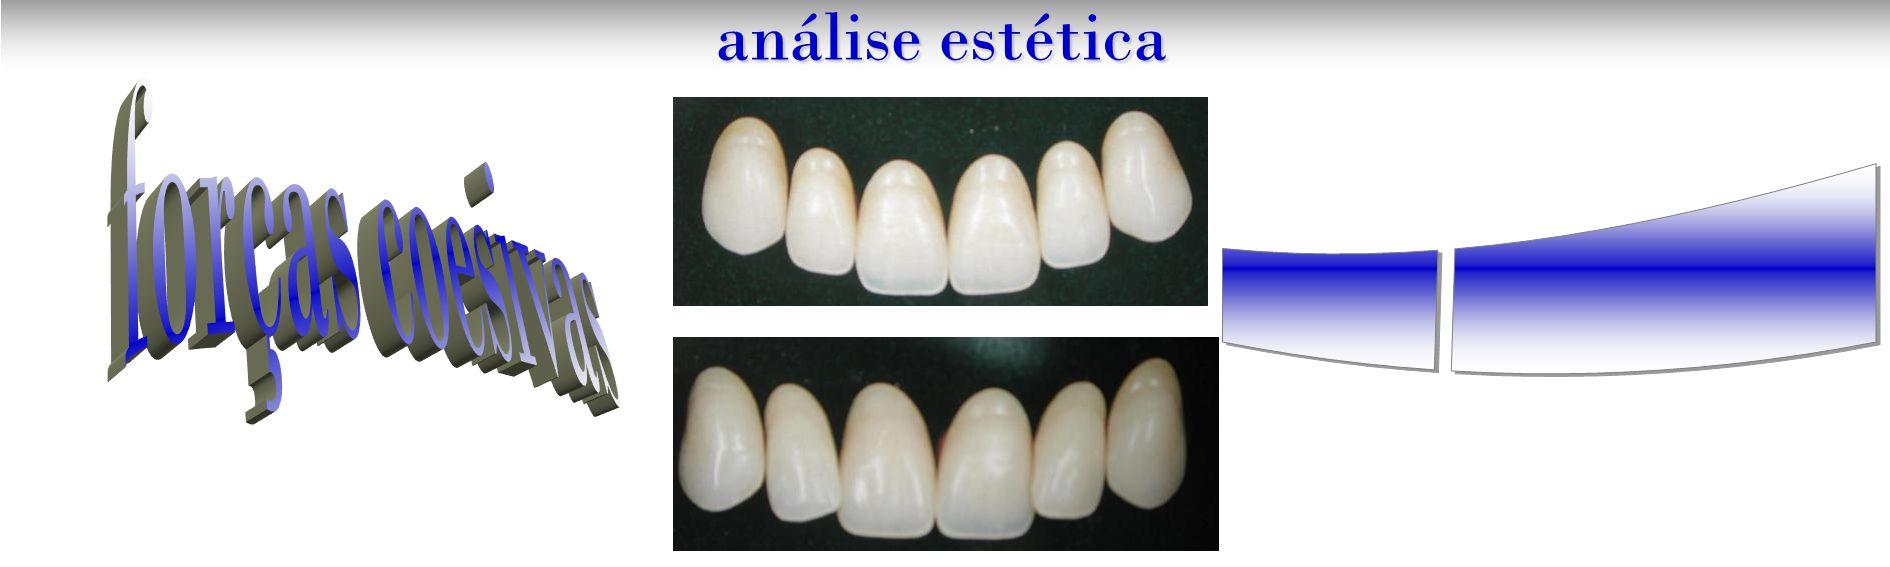 composição dento-facial análise estética Curva incisal